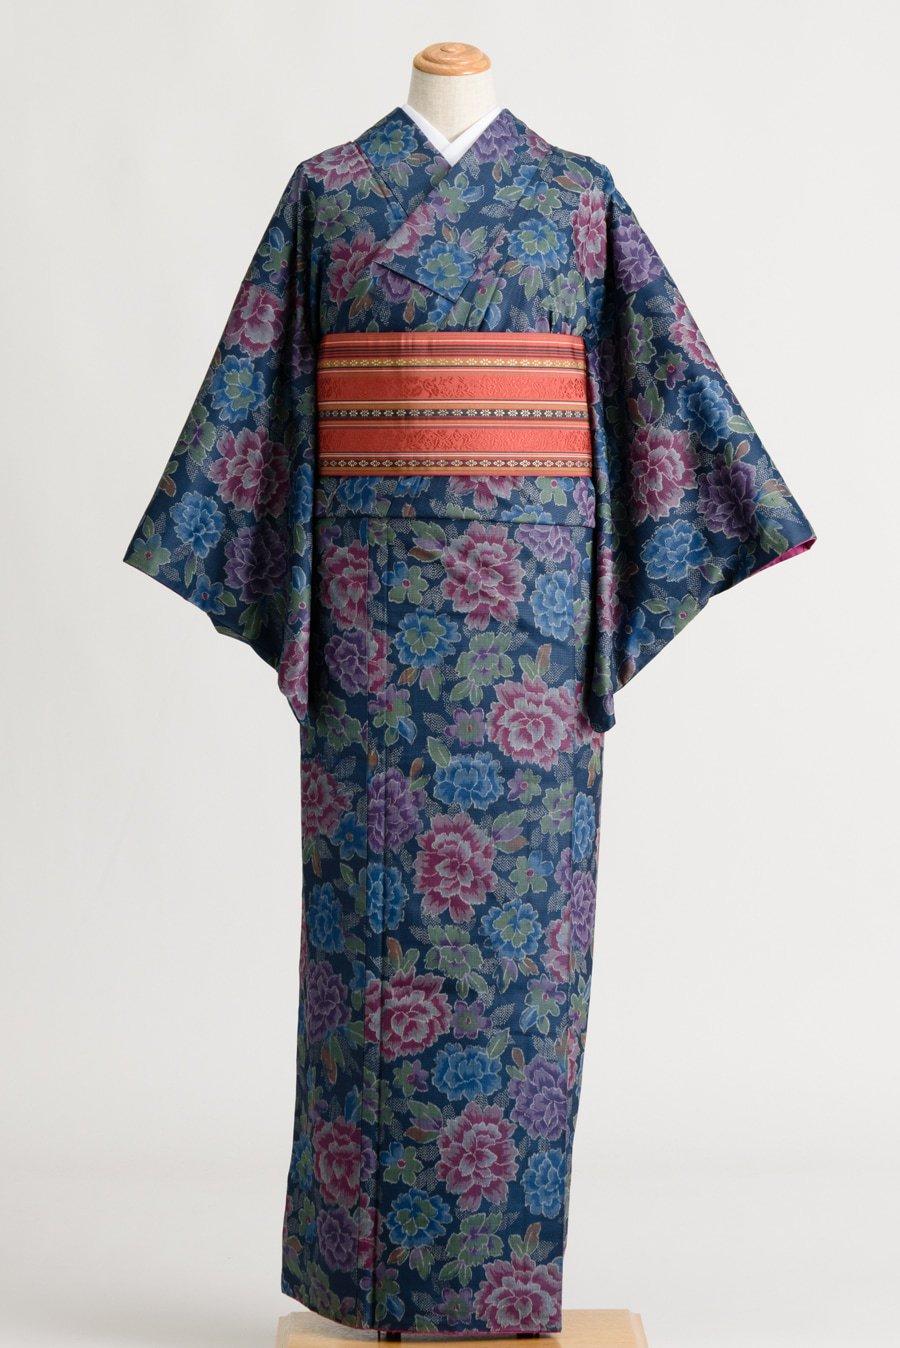 「紬 大輪牡丹」の商品画像